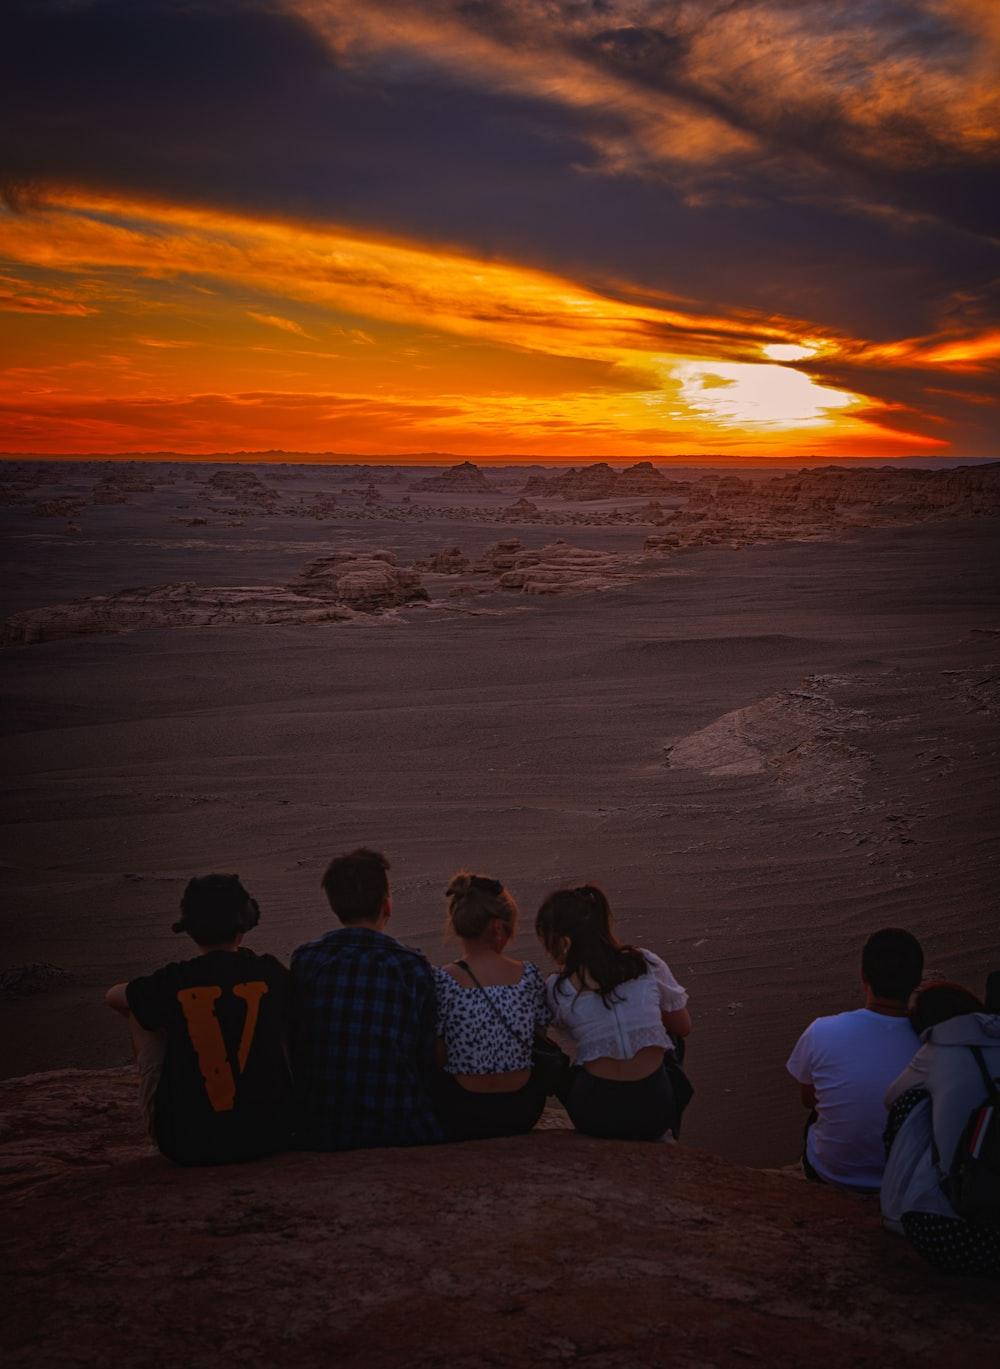 3 men sitting on seashore during sunset